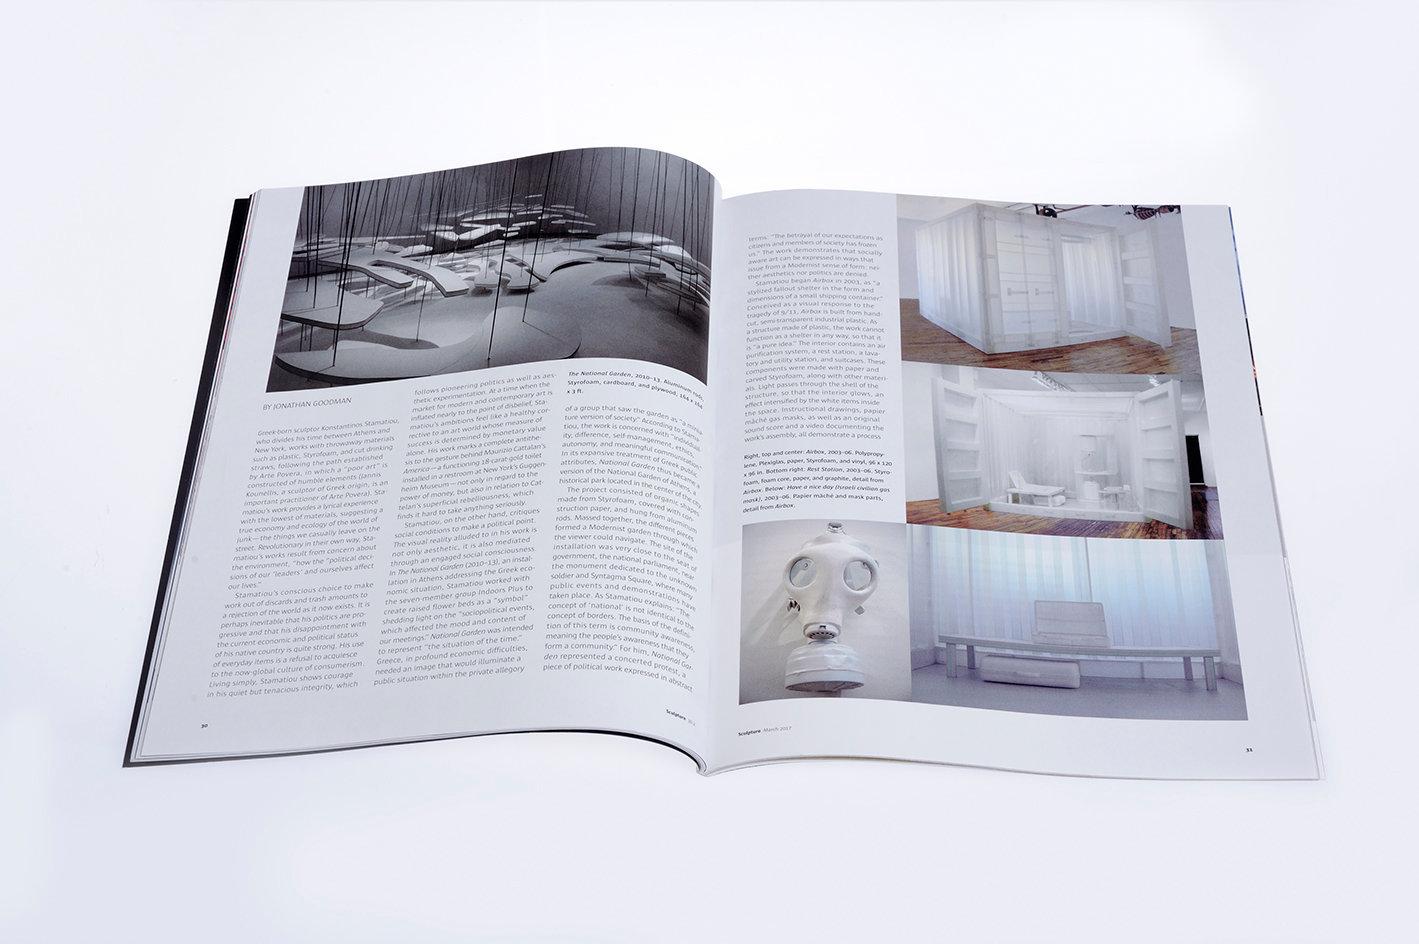 Sculpture magazine, third_fourth page